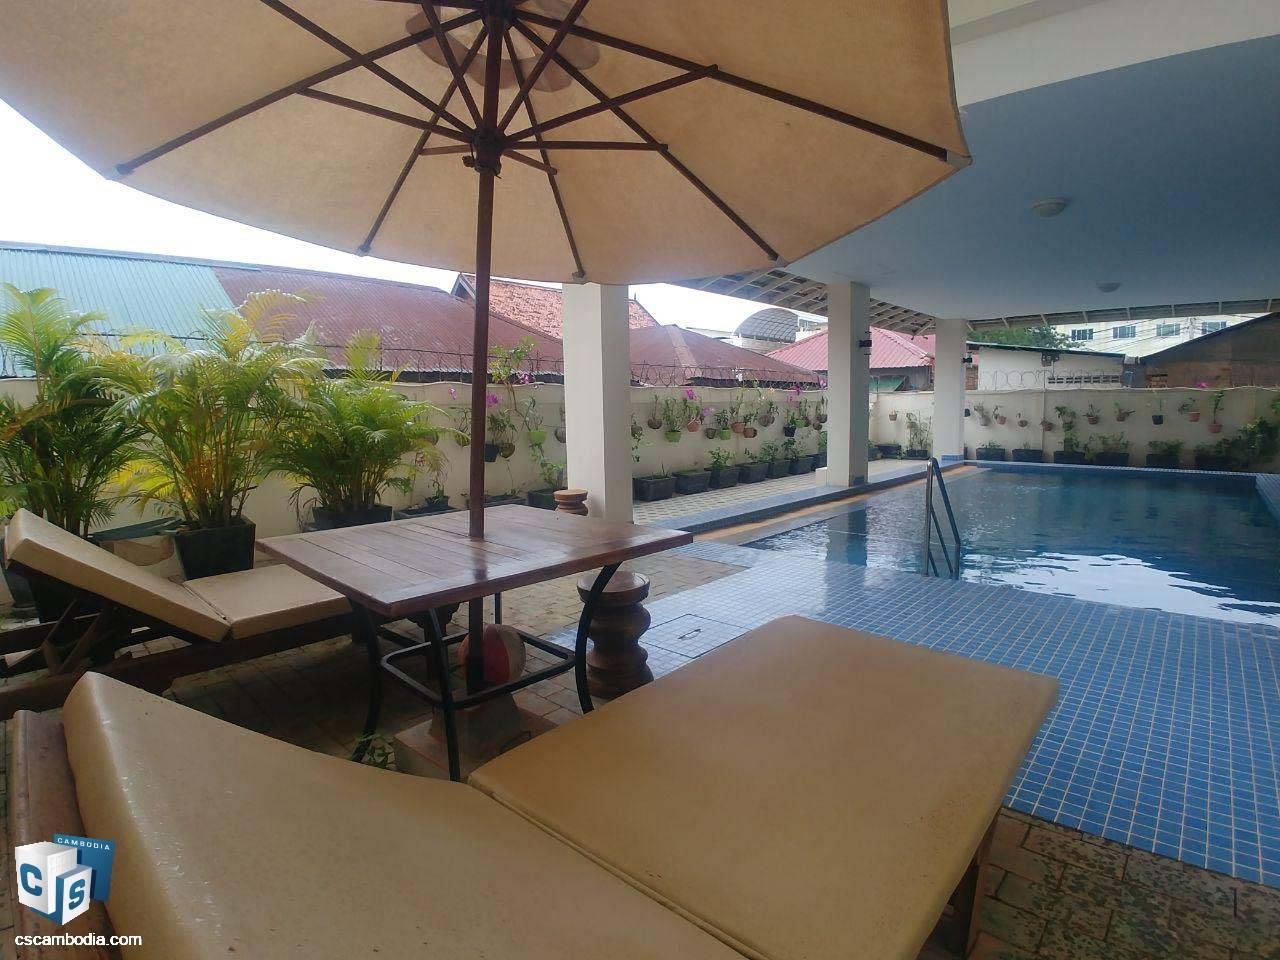 3 Bedroom Apartment – For Rent – Svay Dangkom Commune – Siem Reap